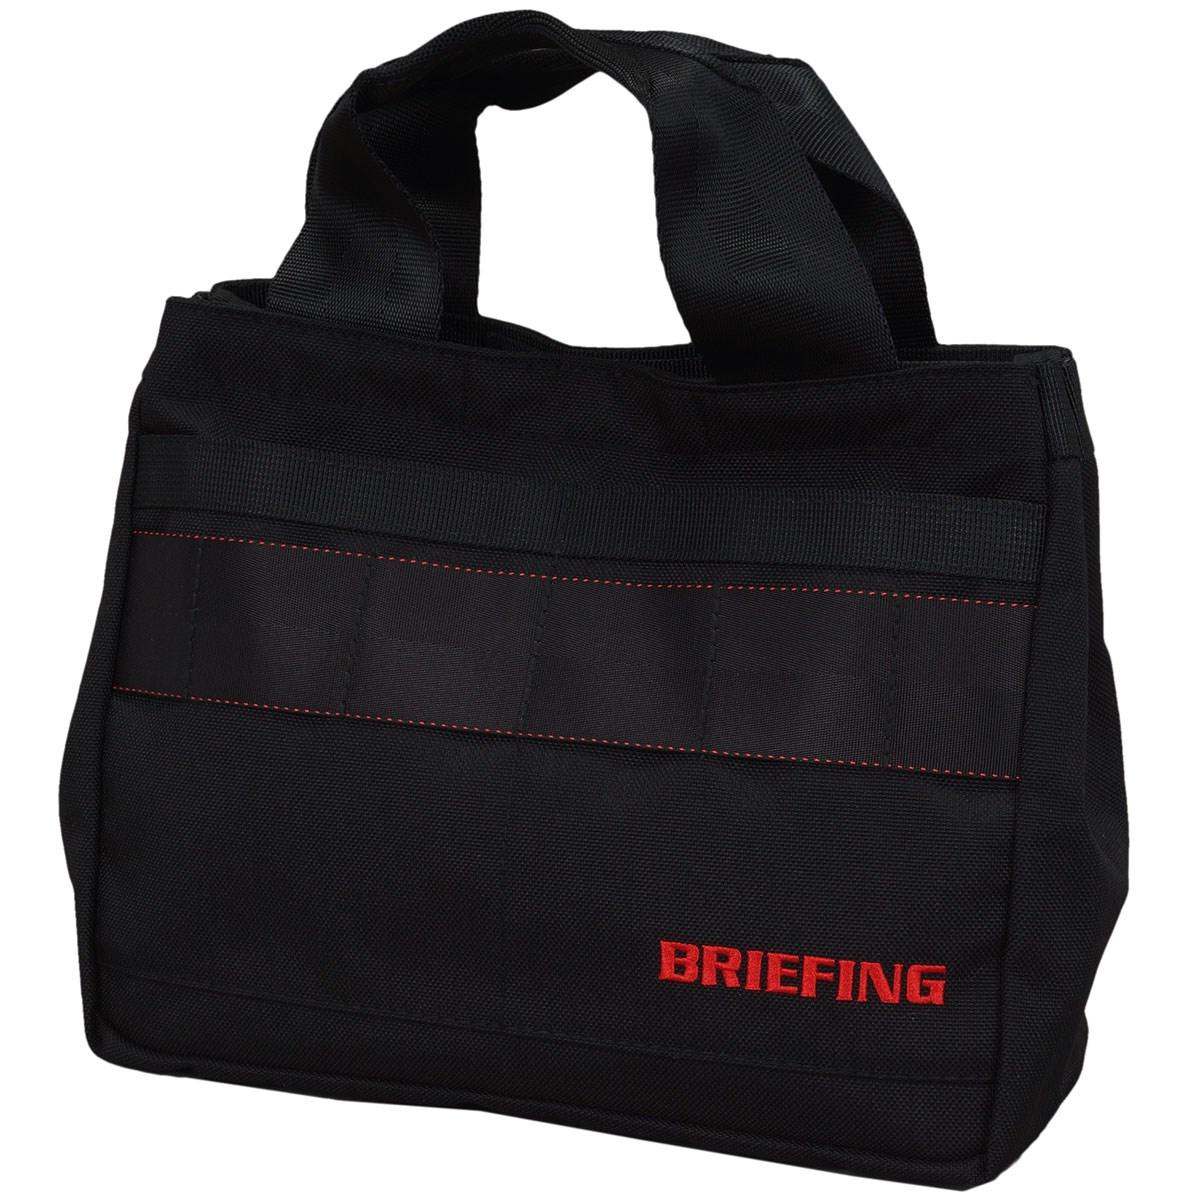 ブリーフィング BRIEFING ミニトートバッグ ブラック